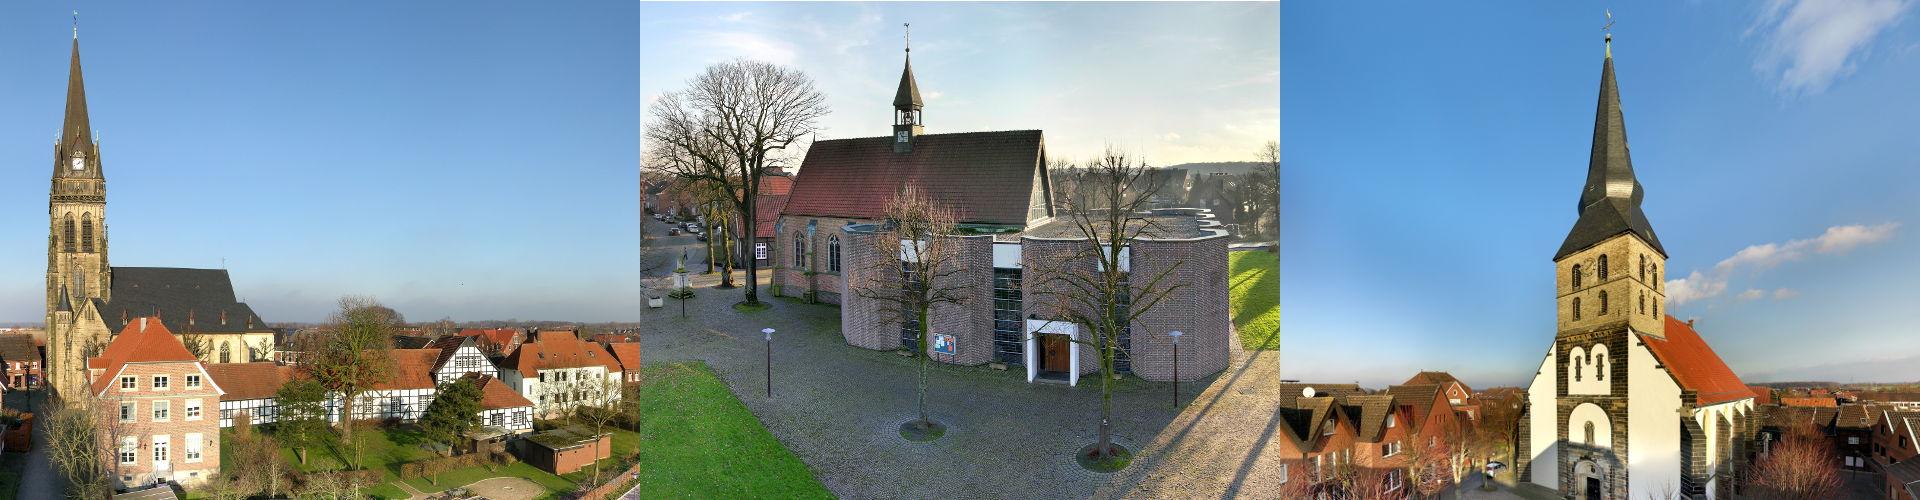 Katholische Kirchengemeinde St. Lambertus - Kirchen